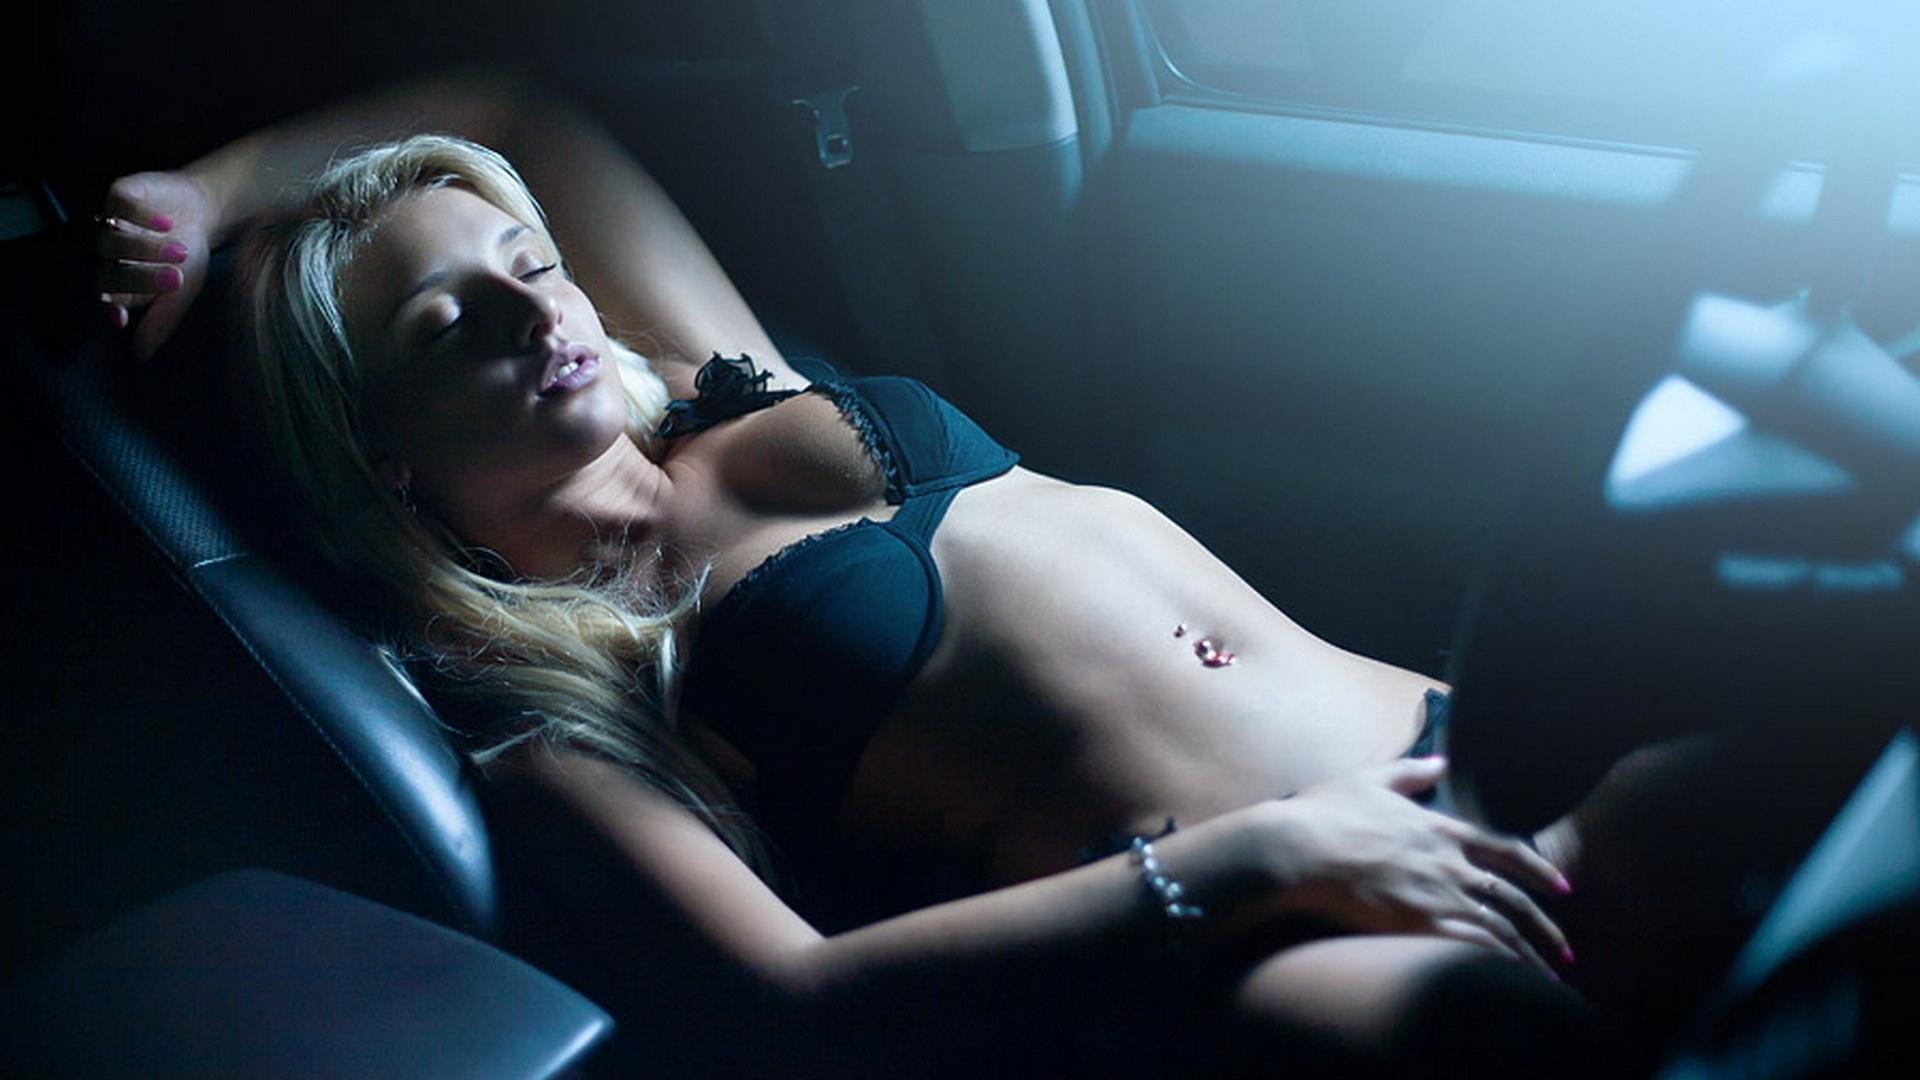 Блондинка ебется через стекло машины суст бутылки порно